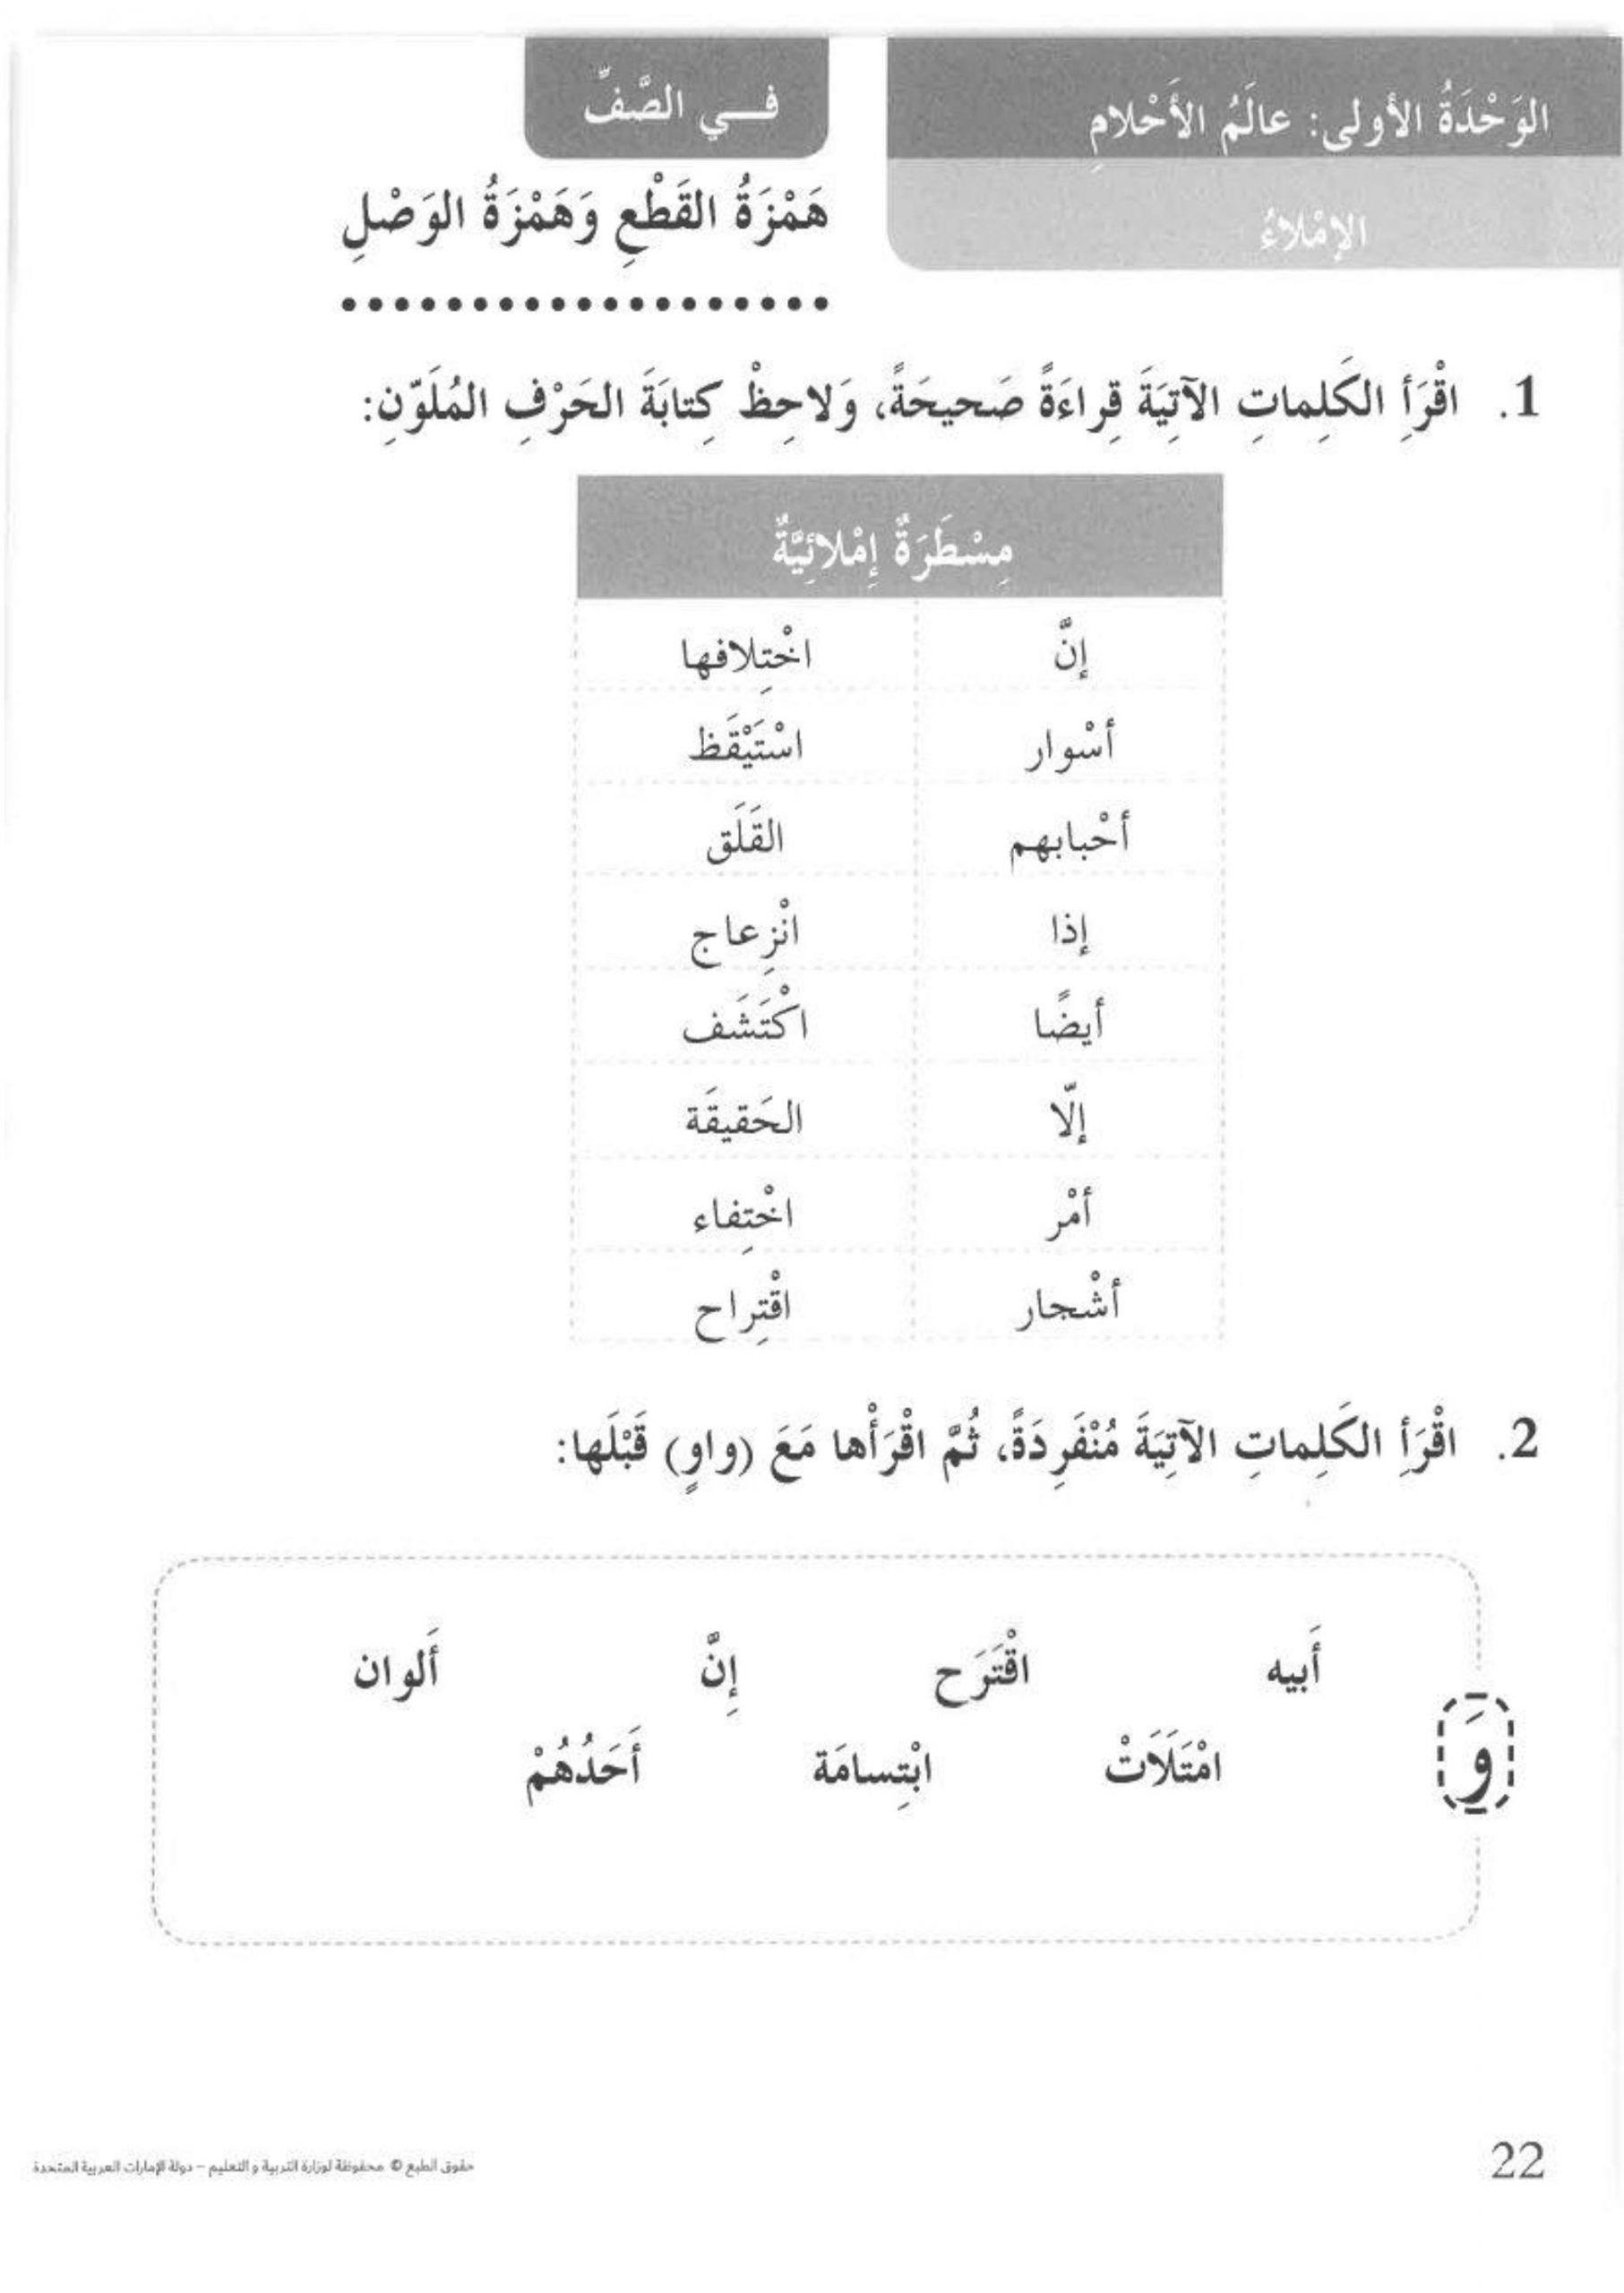 كتاب النشاط درس همزة القطع وهمزة الوصل مع الاجابات للصف الثالث مادة اللغة العربية Map Map Screenshot